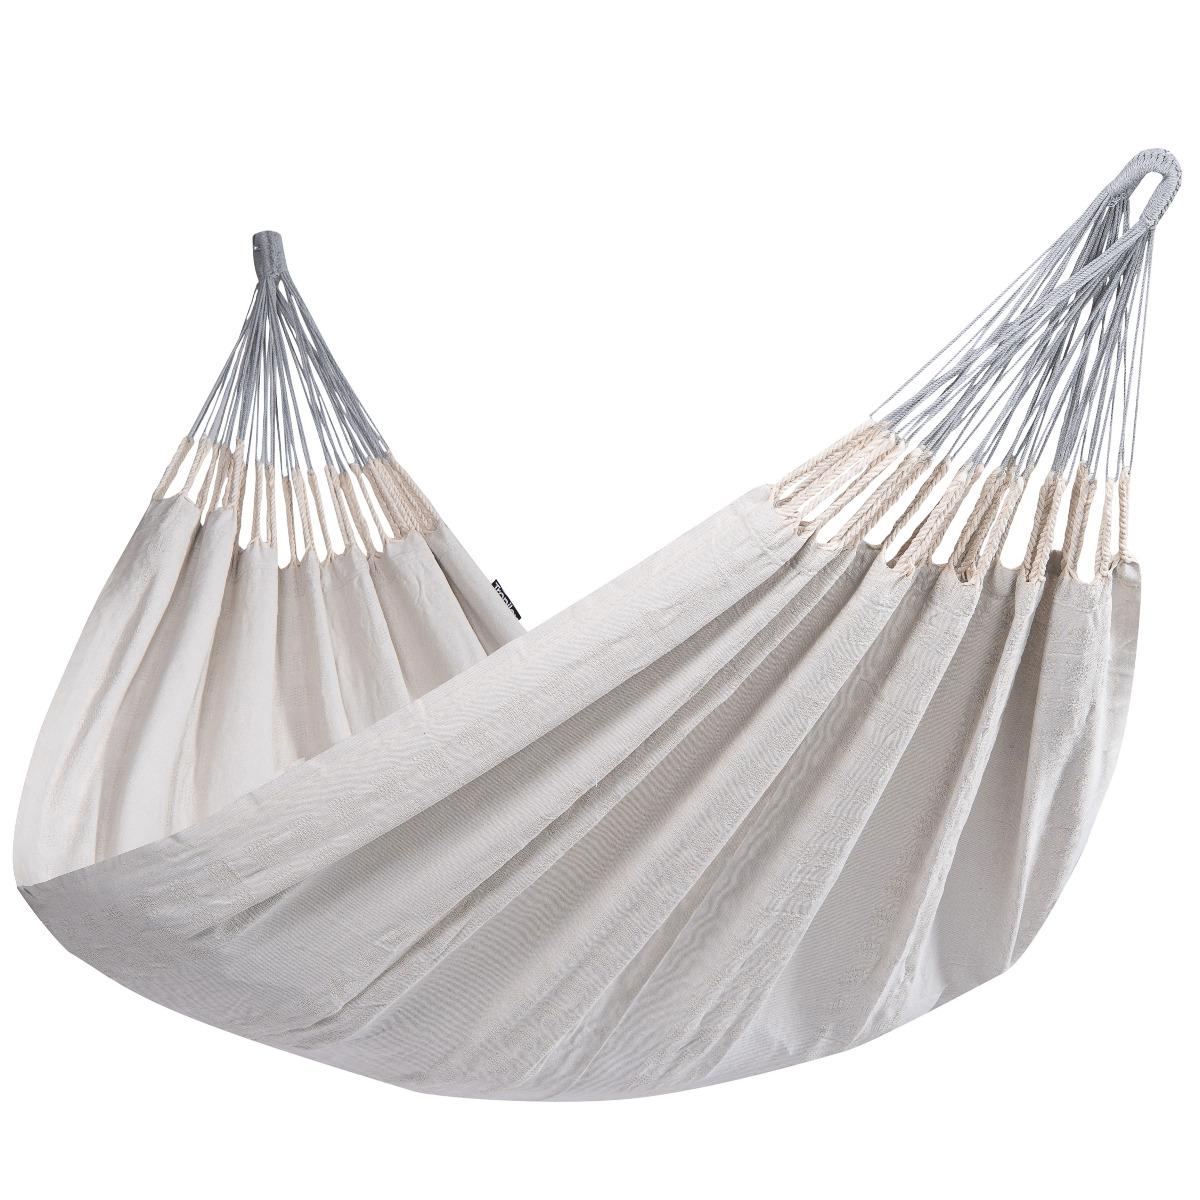 Hangmat 'Comfort' Pearl - Tropilex �